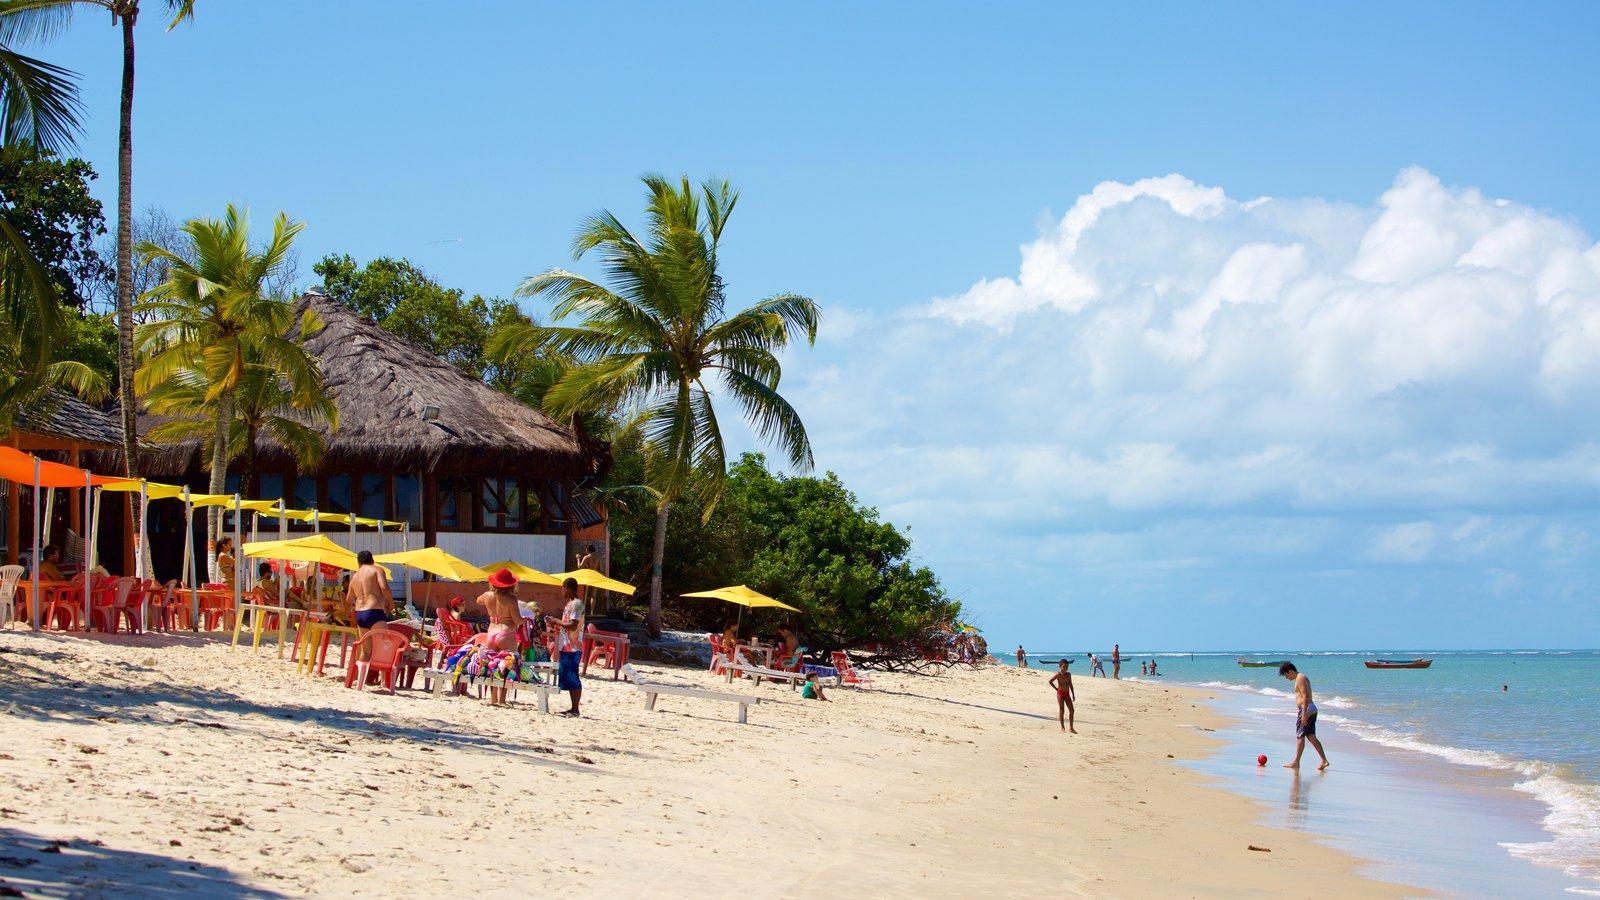 Praia do Mutá caracterizando uma praia de areia e paisagens litorâneas assim como um pequeno grupo de pessoas